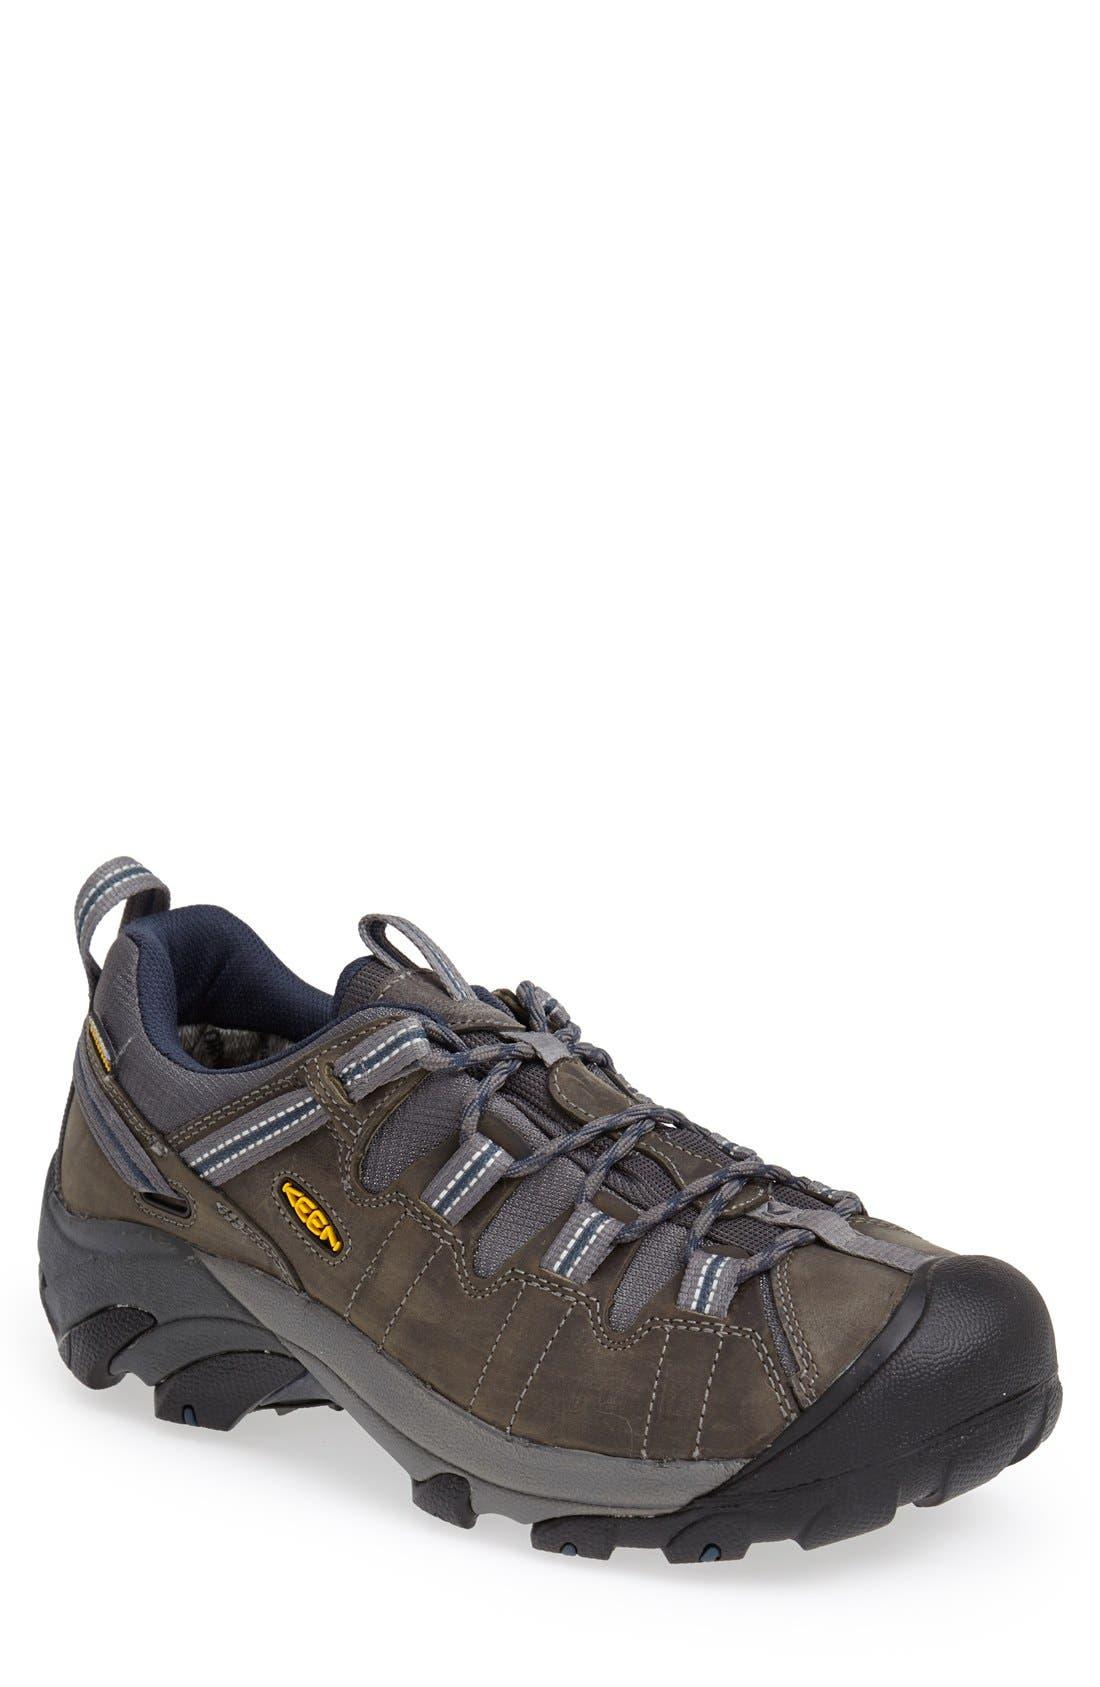 518b9f0f6b ... UPC 871209793396 product image for Keen 'Targhee II' Hiking Shoe (Men)  Gargolye ...